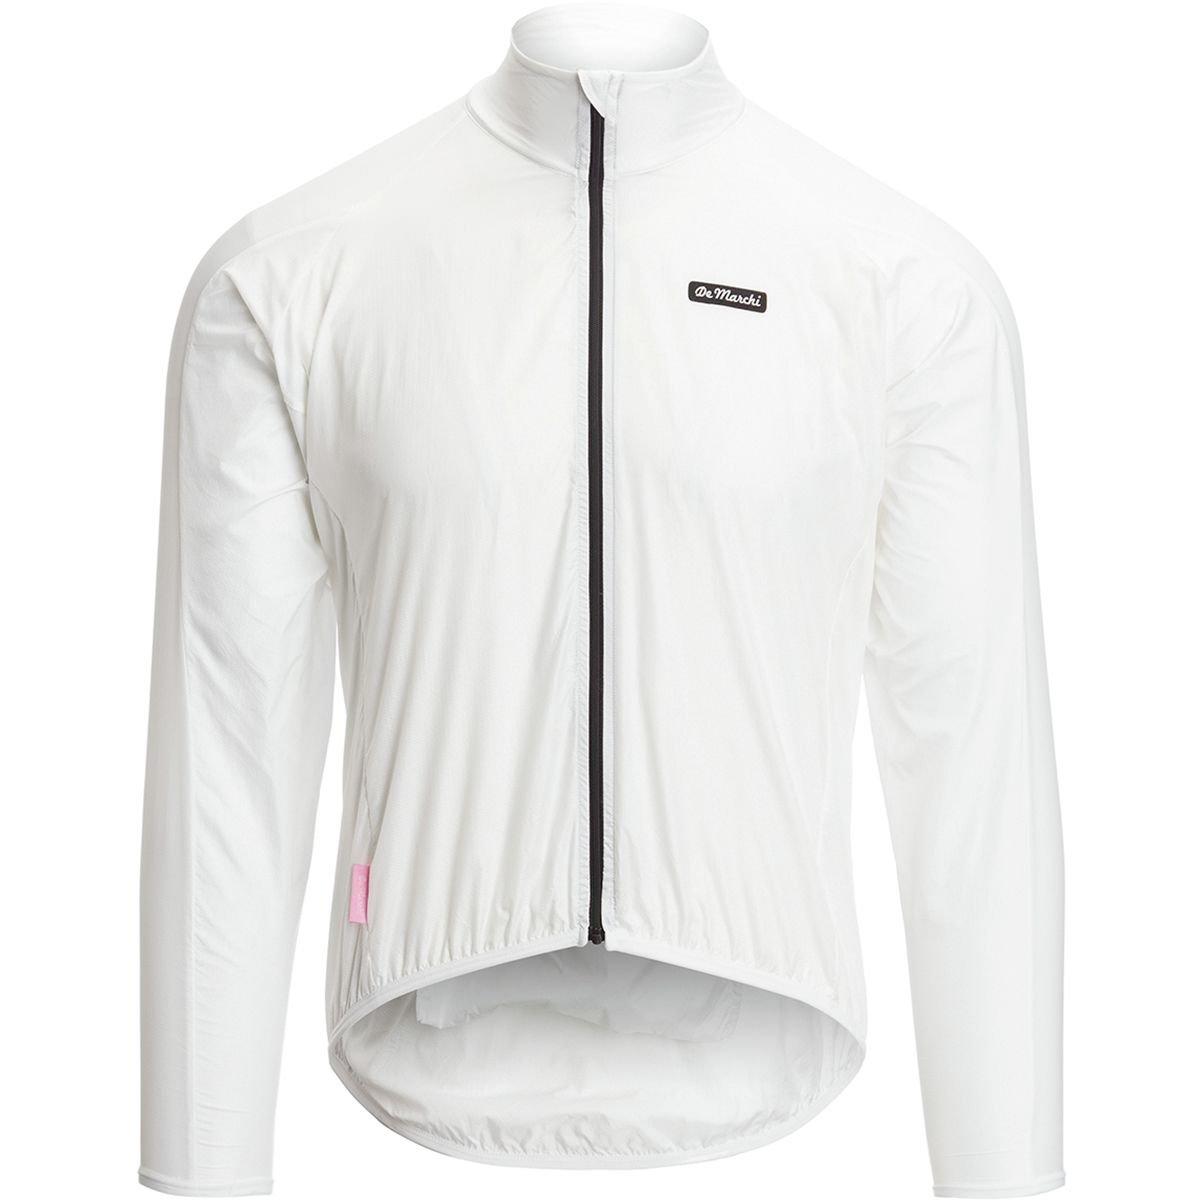 De Marchi Aria Jacket – Men 's X-Small ホワイト B0767FBXR8